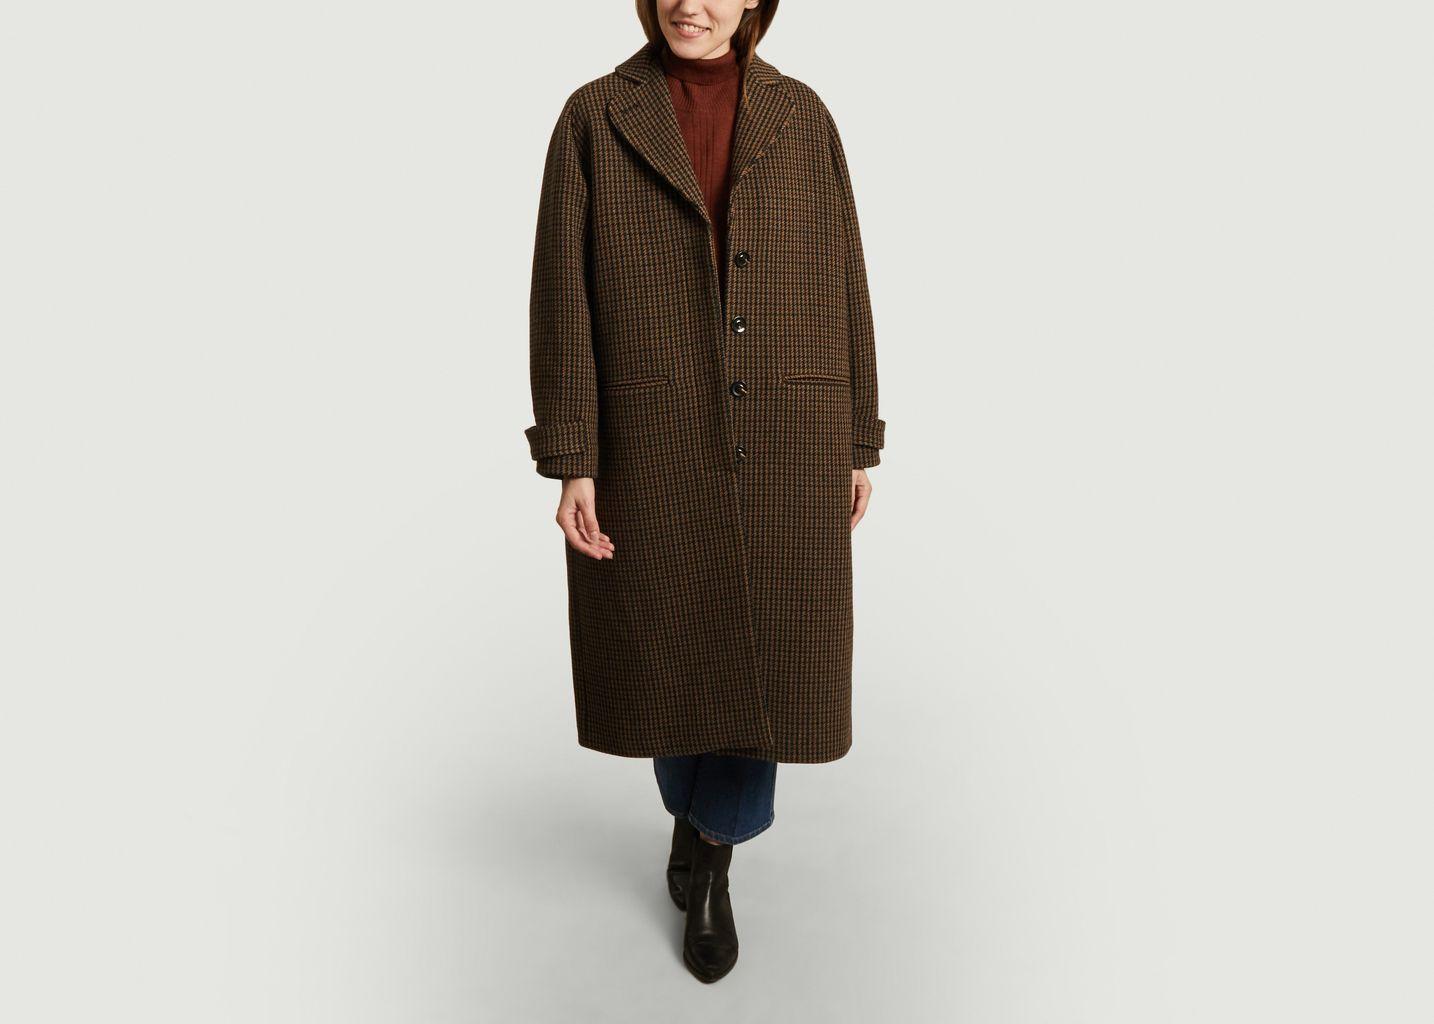 Manteau ample motif pied-de-poule Oscar - Soeur